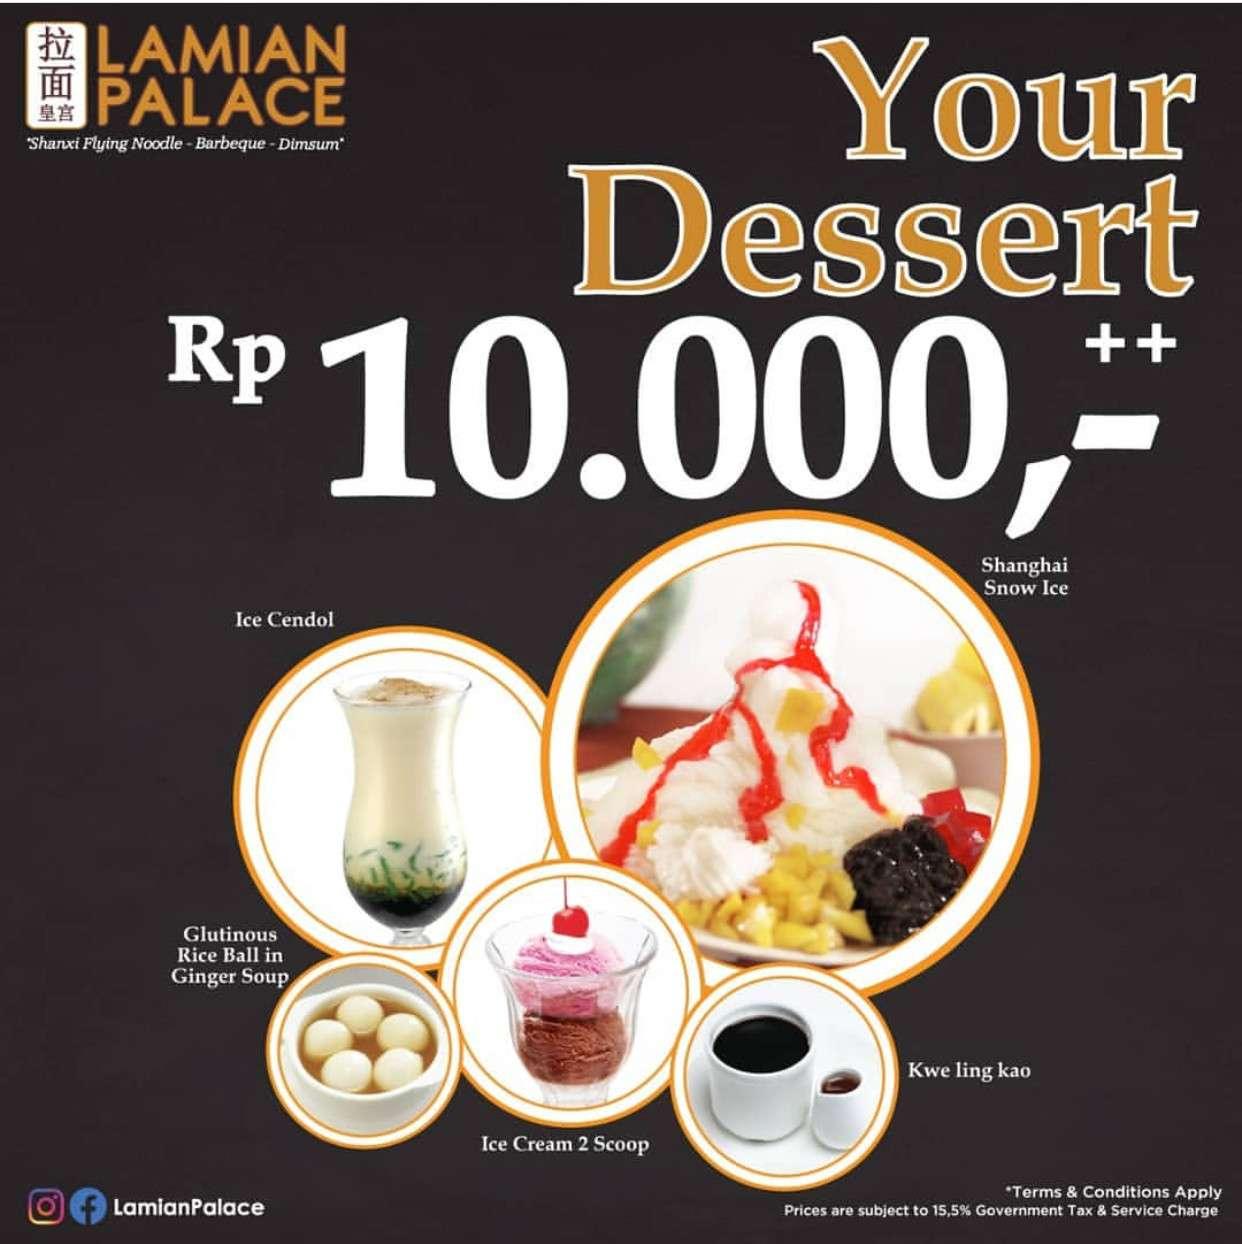 Lamian Palace Promo Makan dessert hanya Rp 10.000,-++